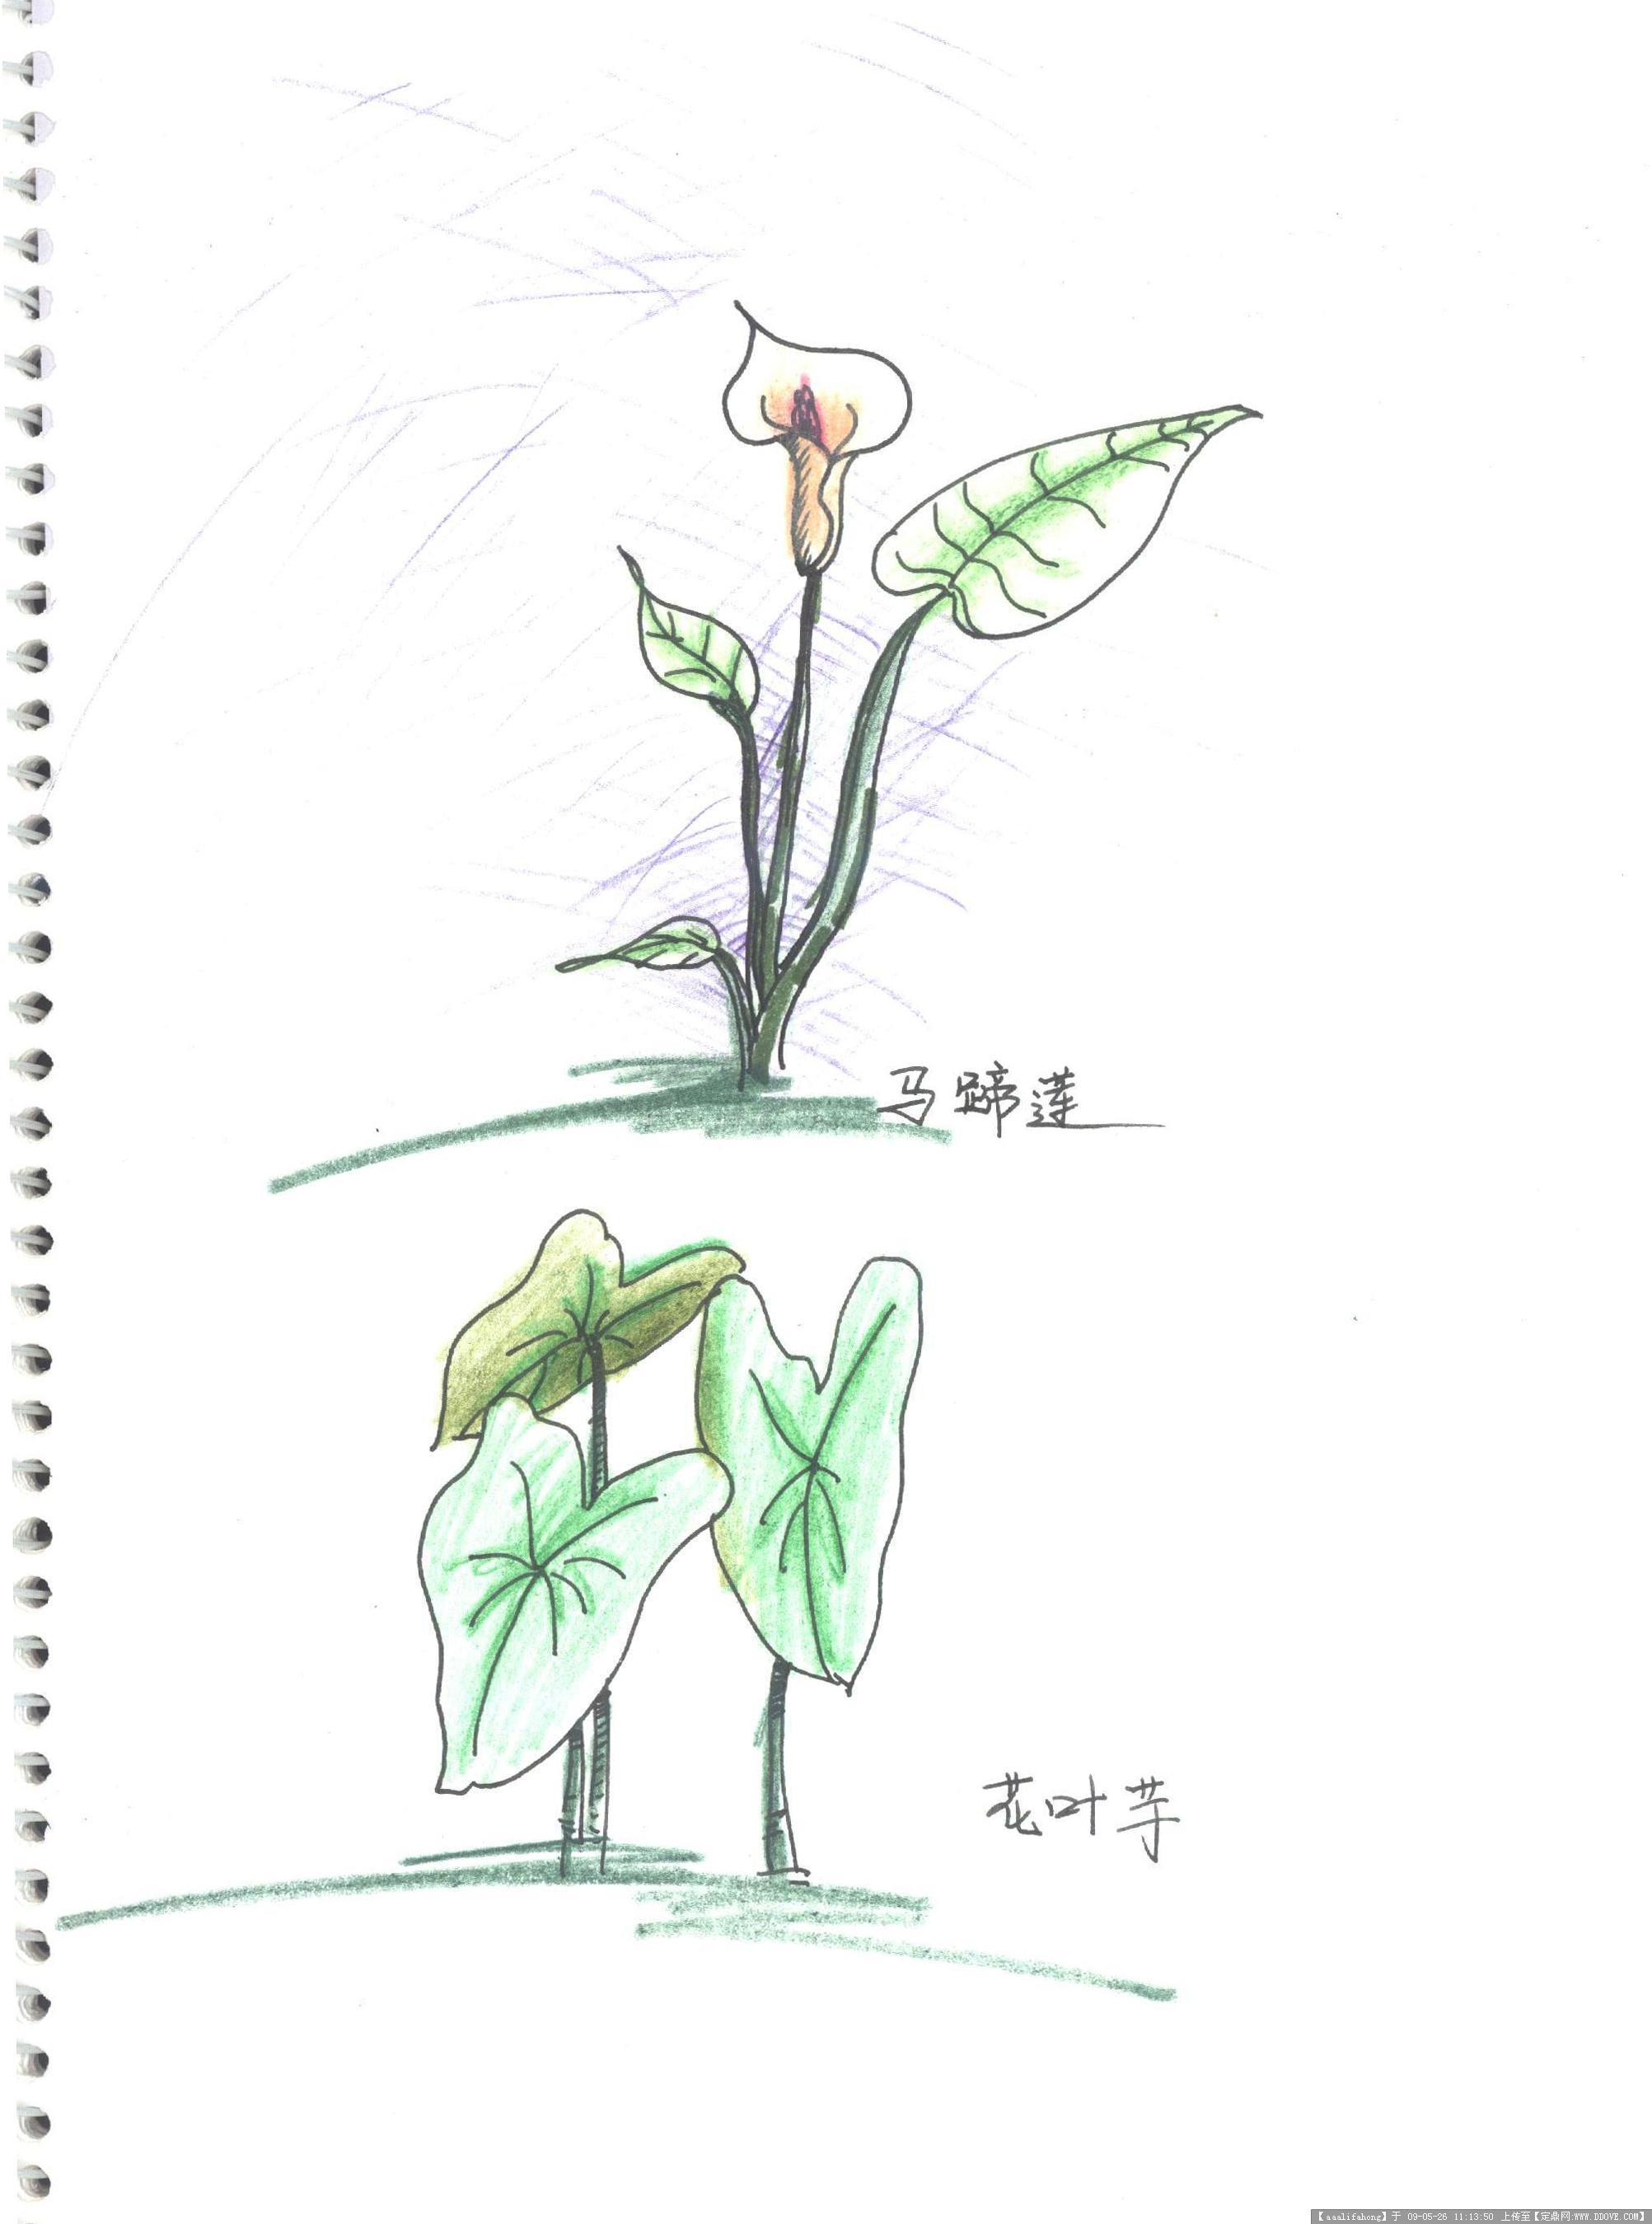 植物手绘图的图片浏览